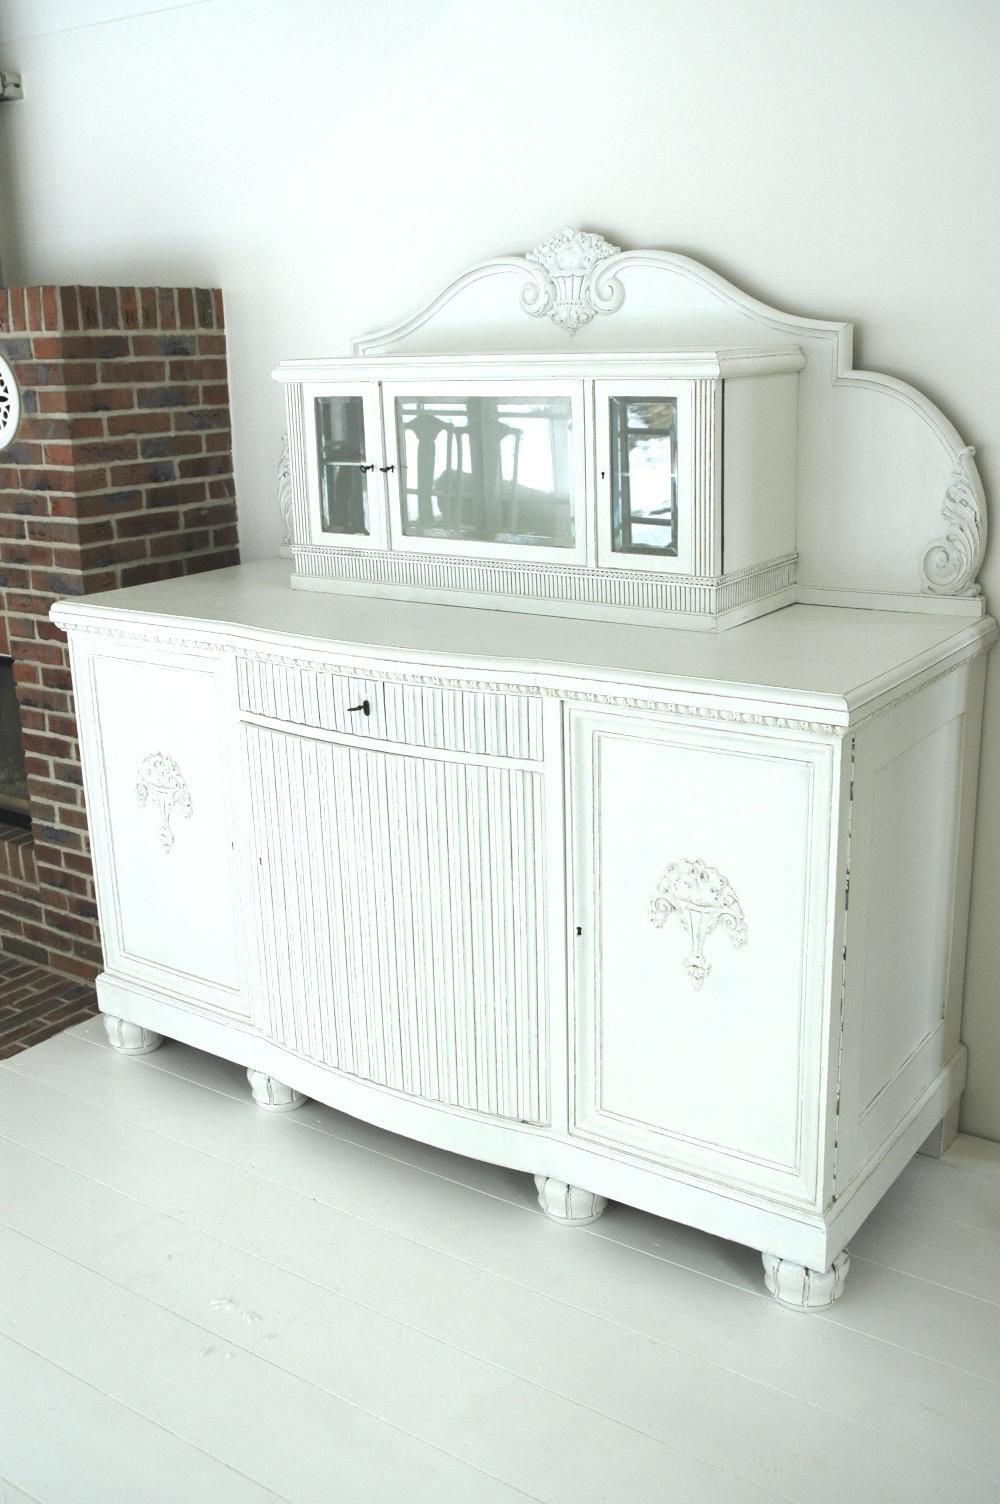 shabby chic lillis l rrach neuer alter schrank sucht neue besitzer. Black Bedroom Furniture Sets. Home Design Ideas